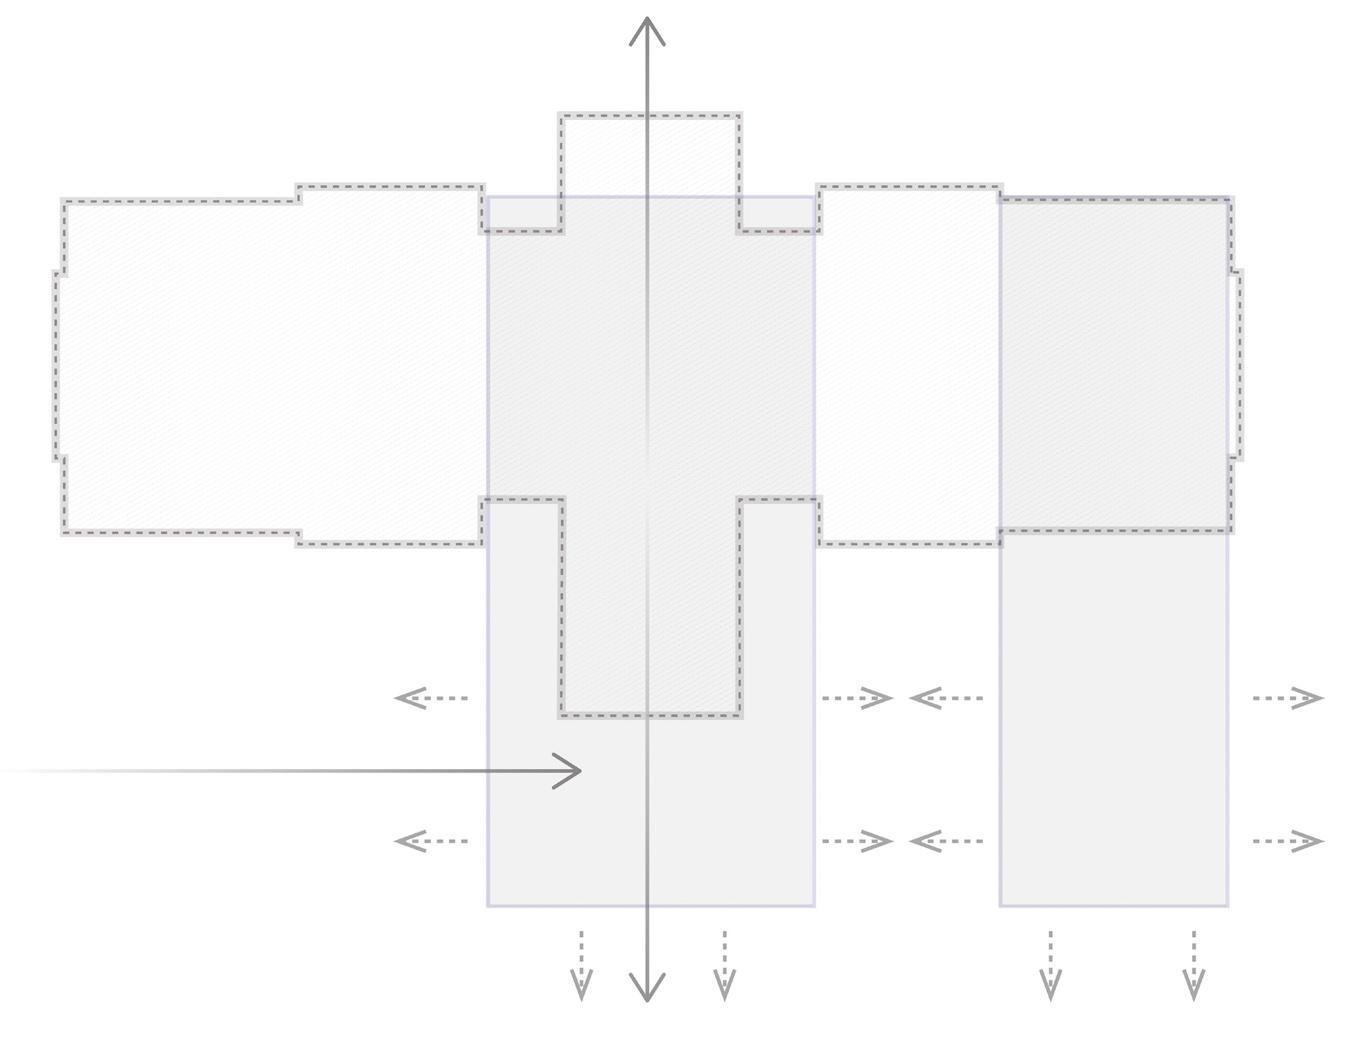 schema4.jpg